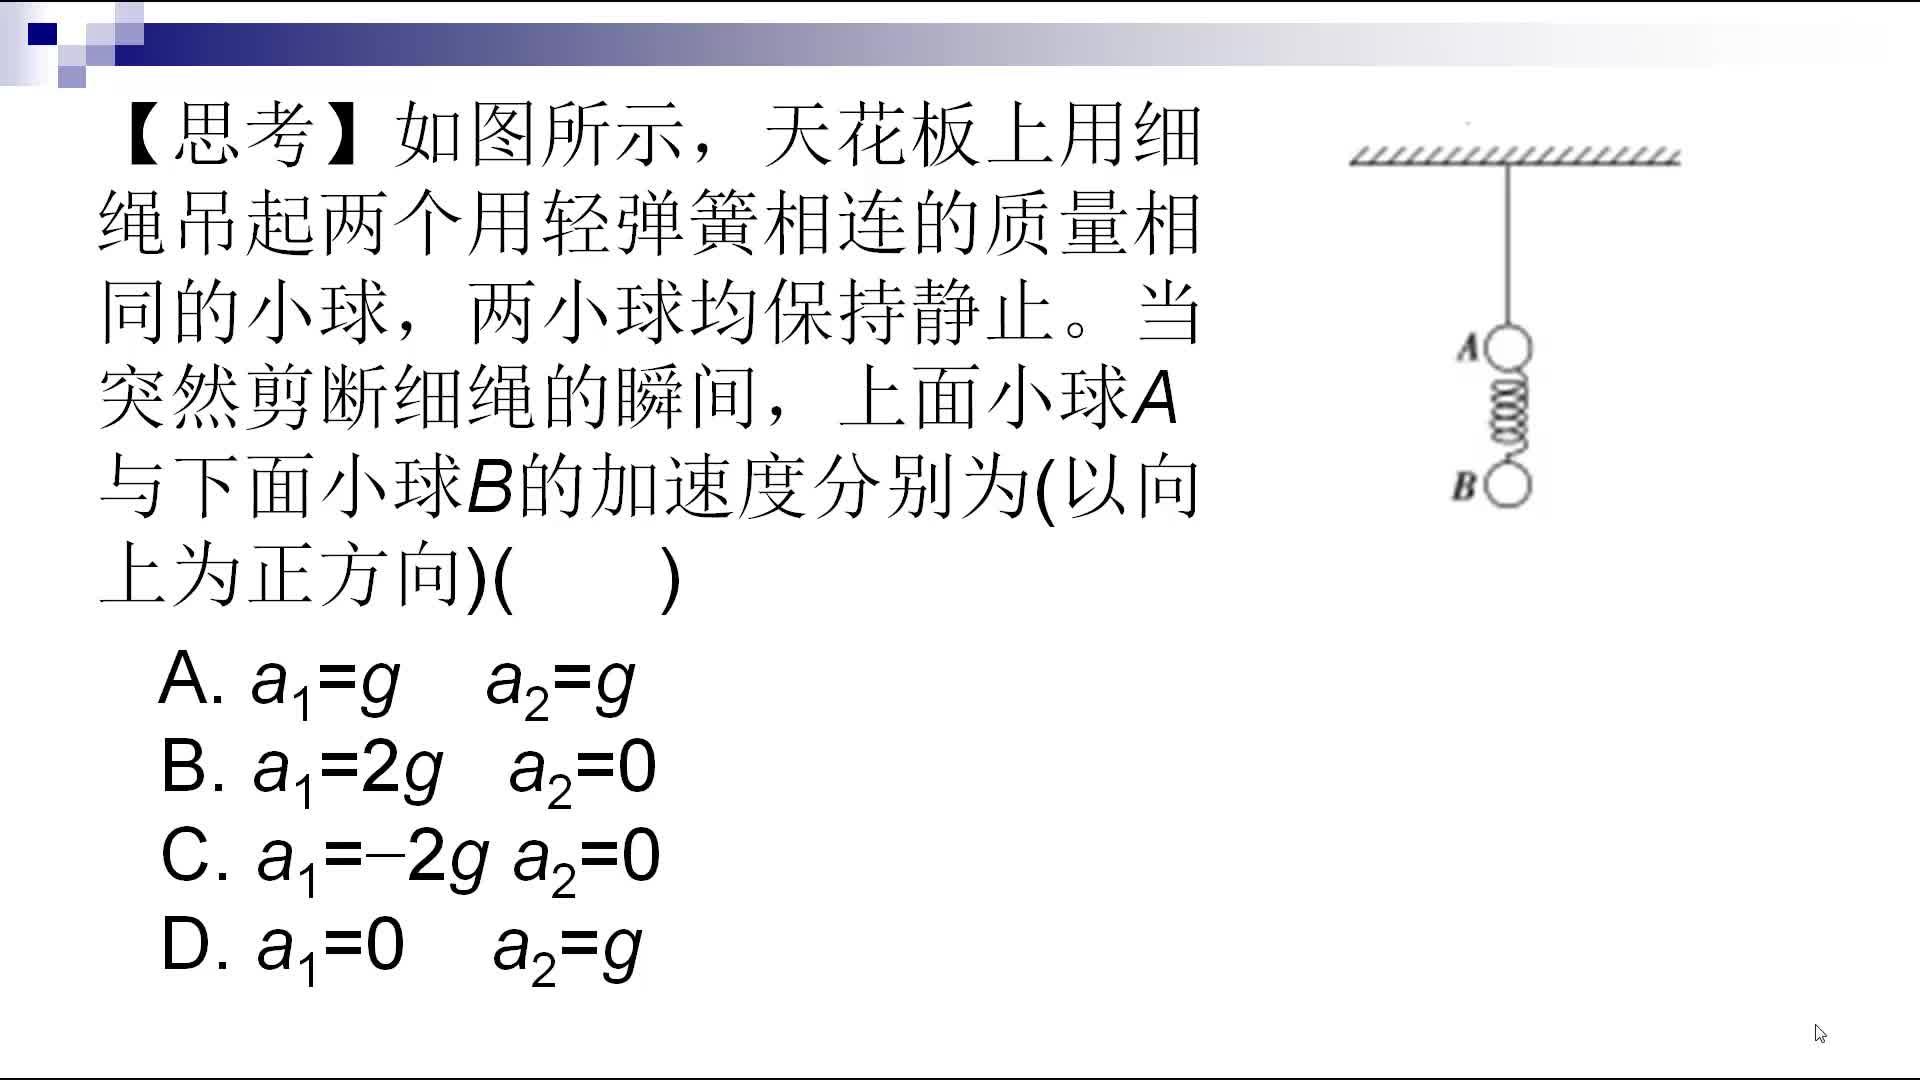 人教版 高一物理 必修一 4.6 弹簧的弹力不能突变(牛顿运动定律难点辨析)-视频微课堂